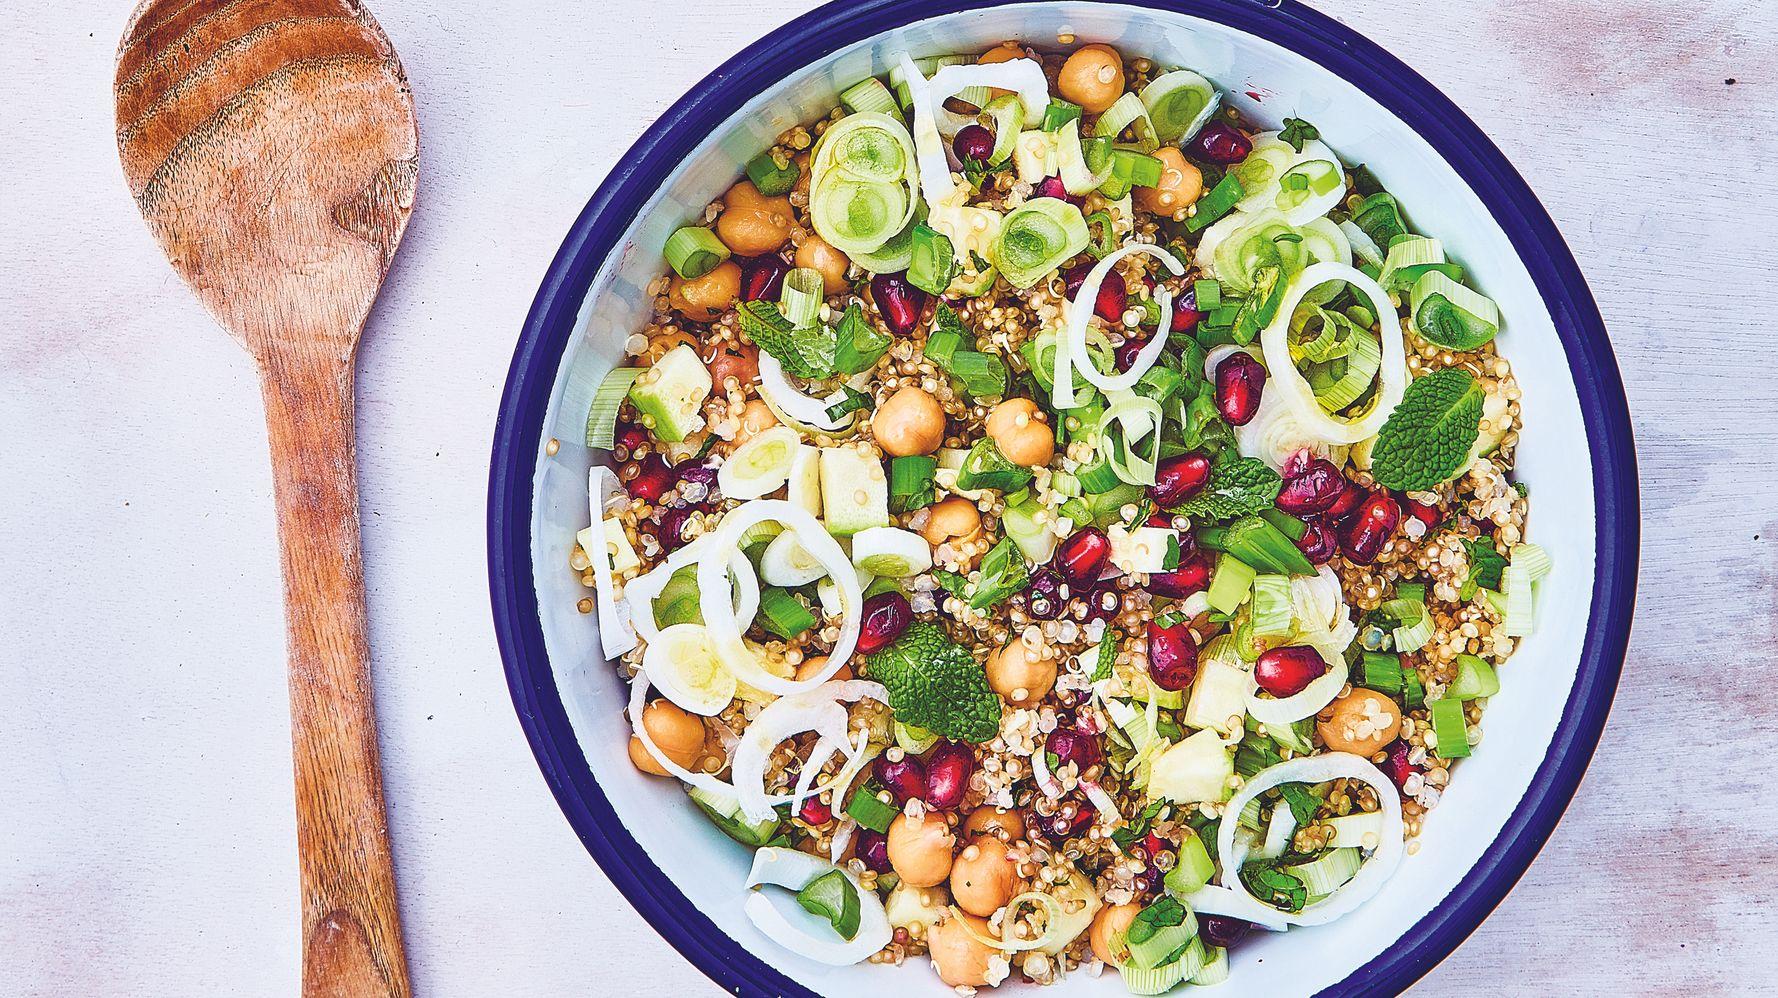 Une semaine de recettes de salades fraîches et colorées à apporter au bureau